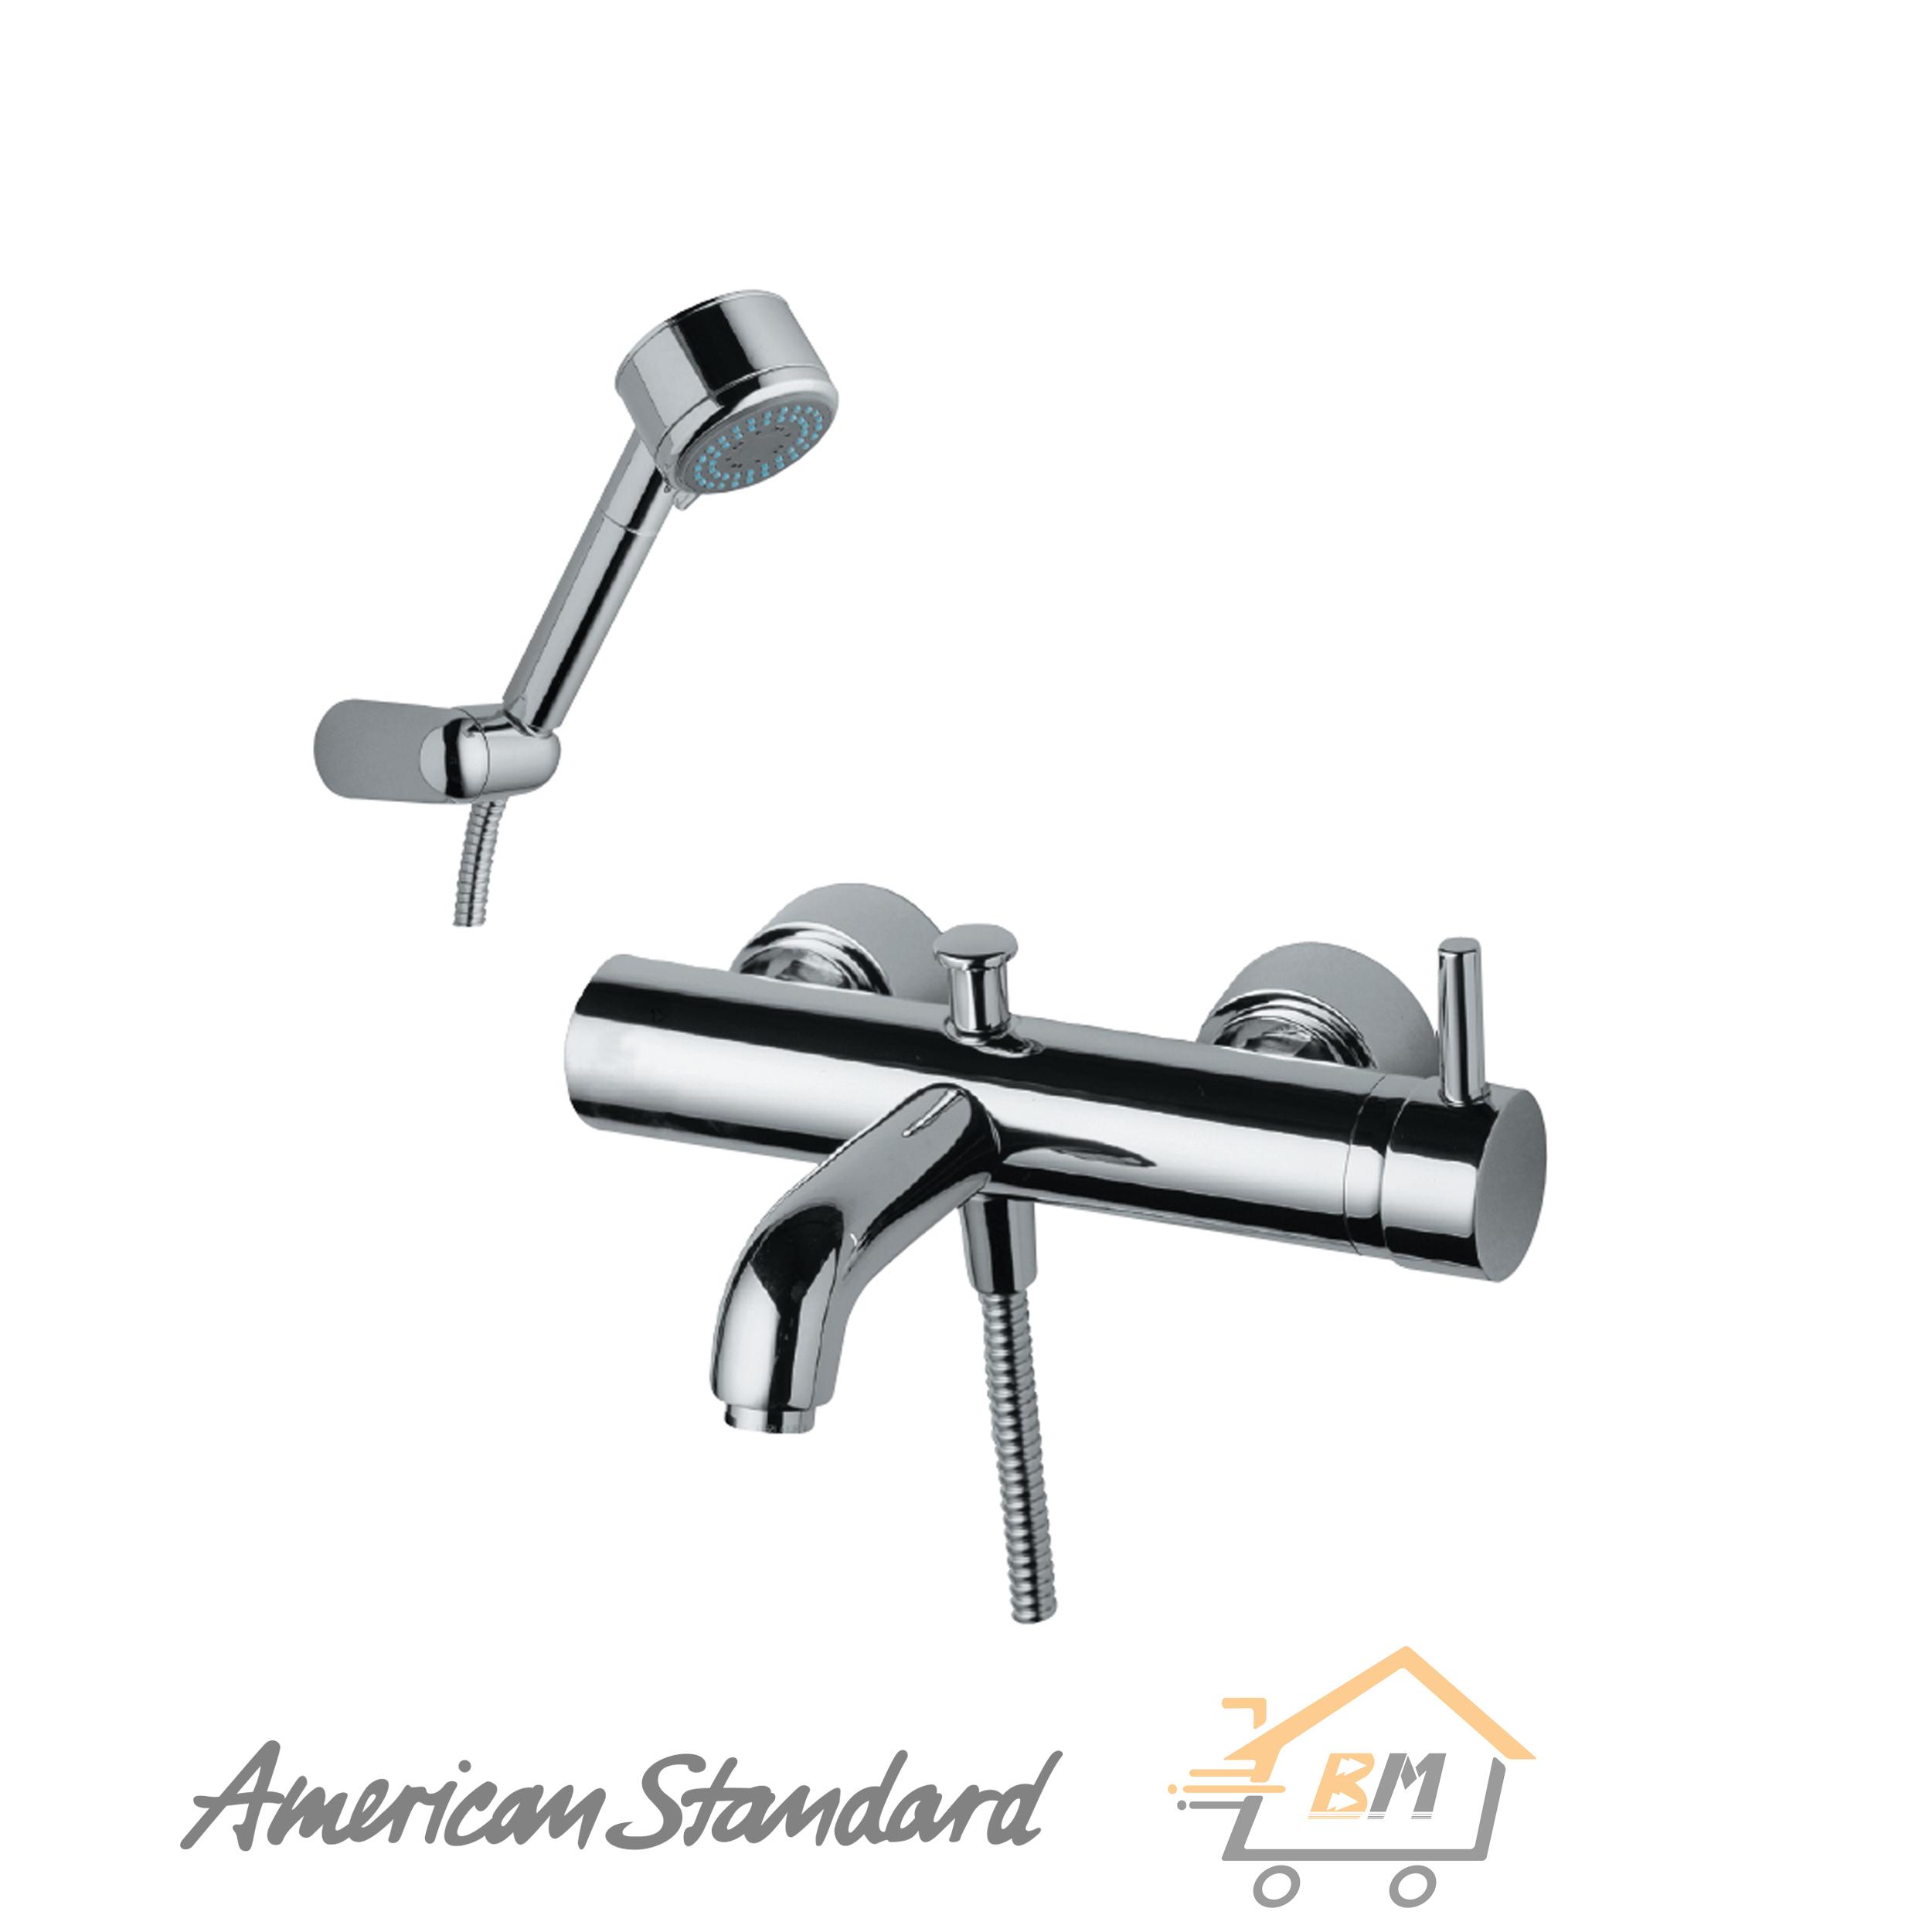 ก๊อกน้ำ American Standard (A-2811-611-000)